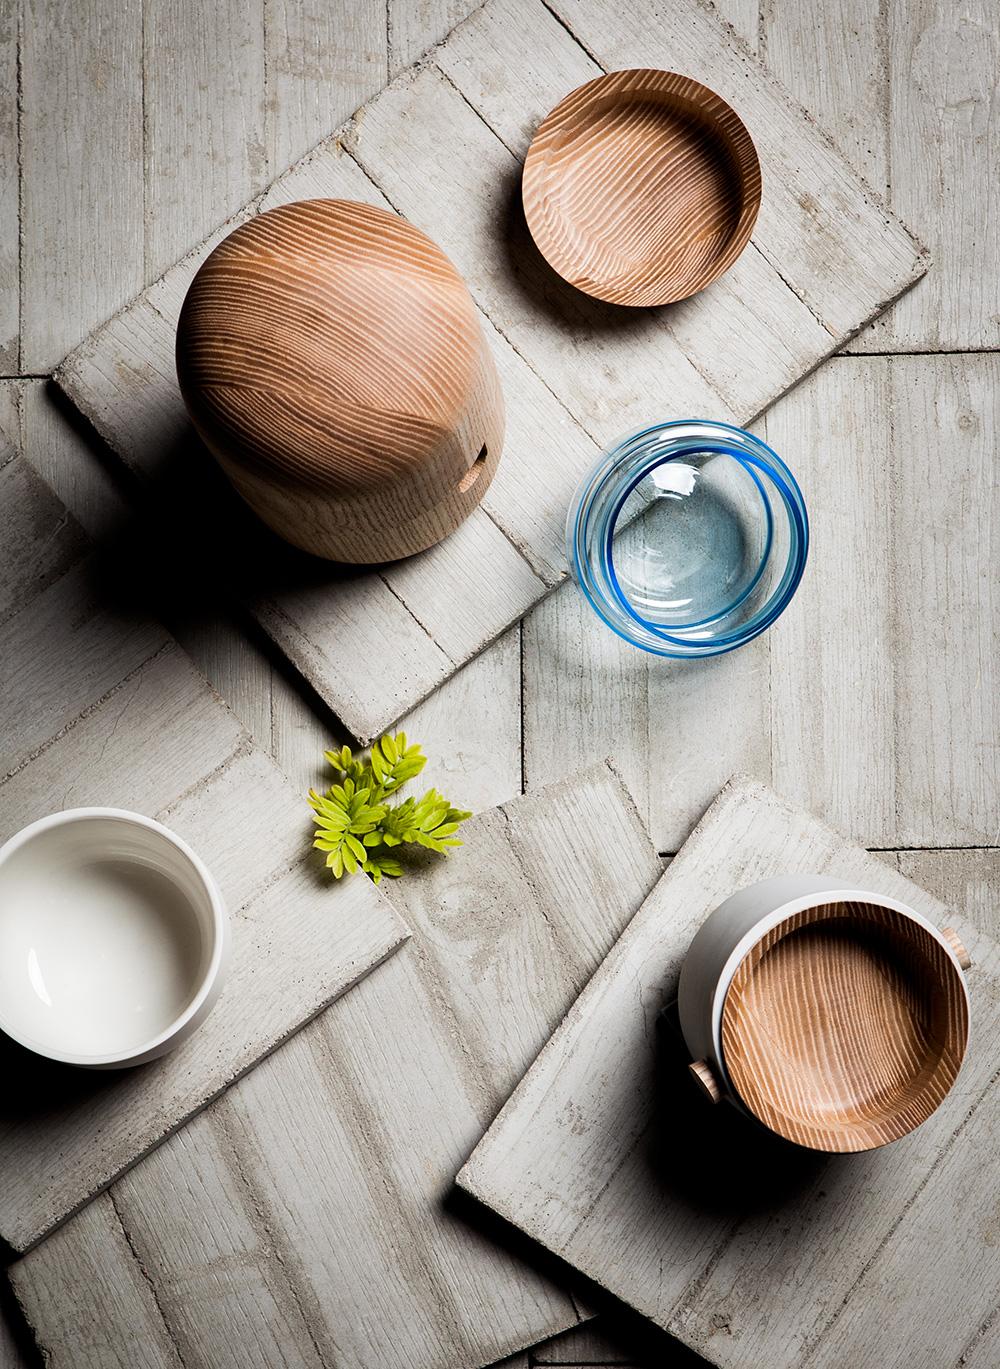 Yhdessä-Erikseen, כלי השולחן בהשראת טקס הפיקני ק היפני שעיצבה Hanna-kaarina Heikkila. צילום: Kimmo Metsäranta